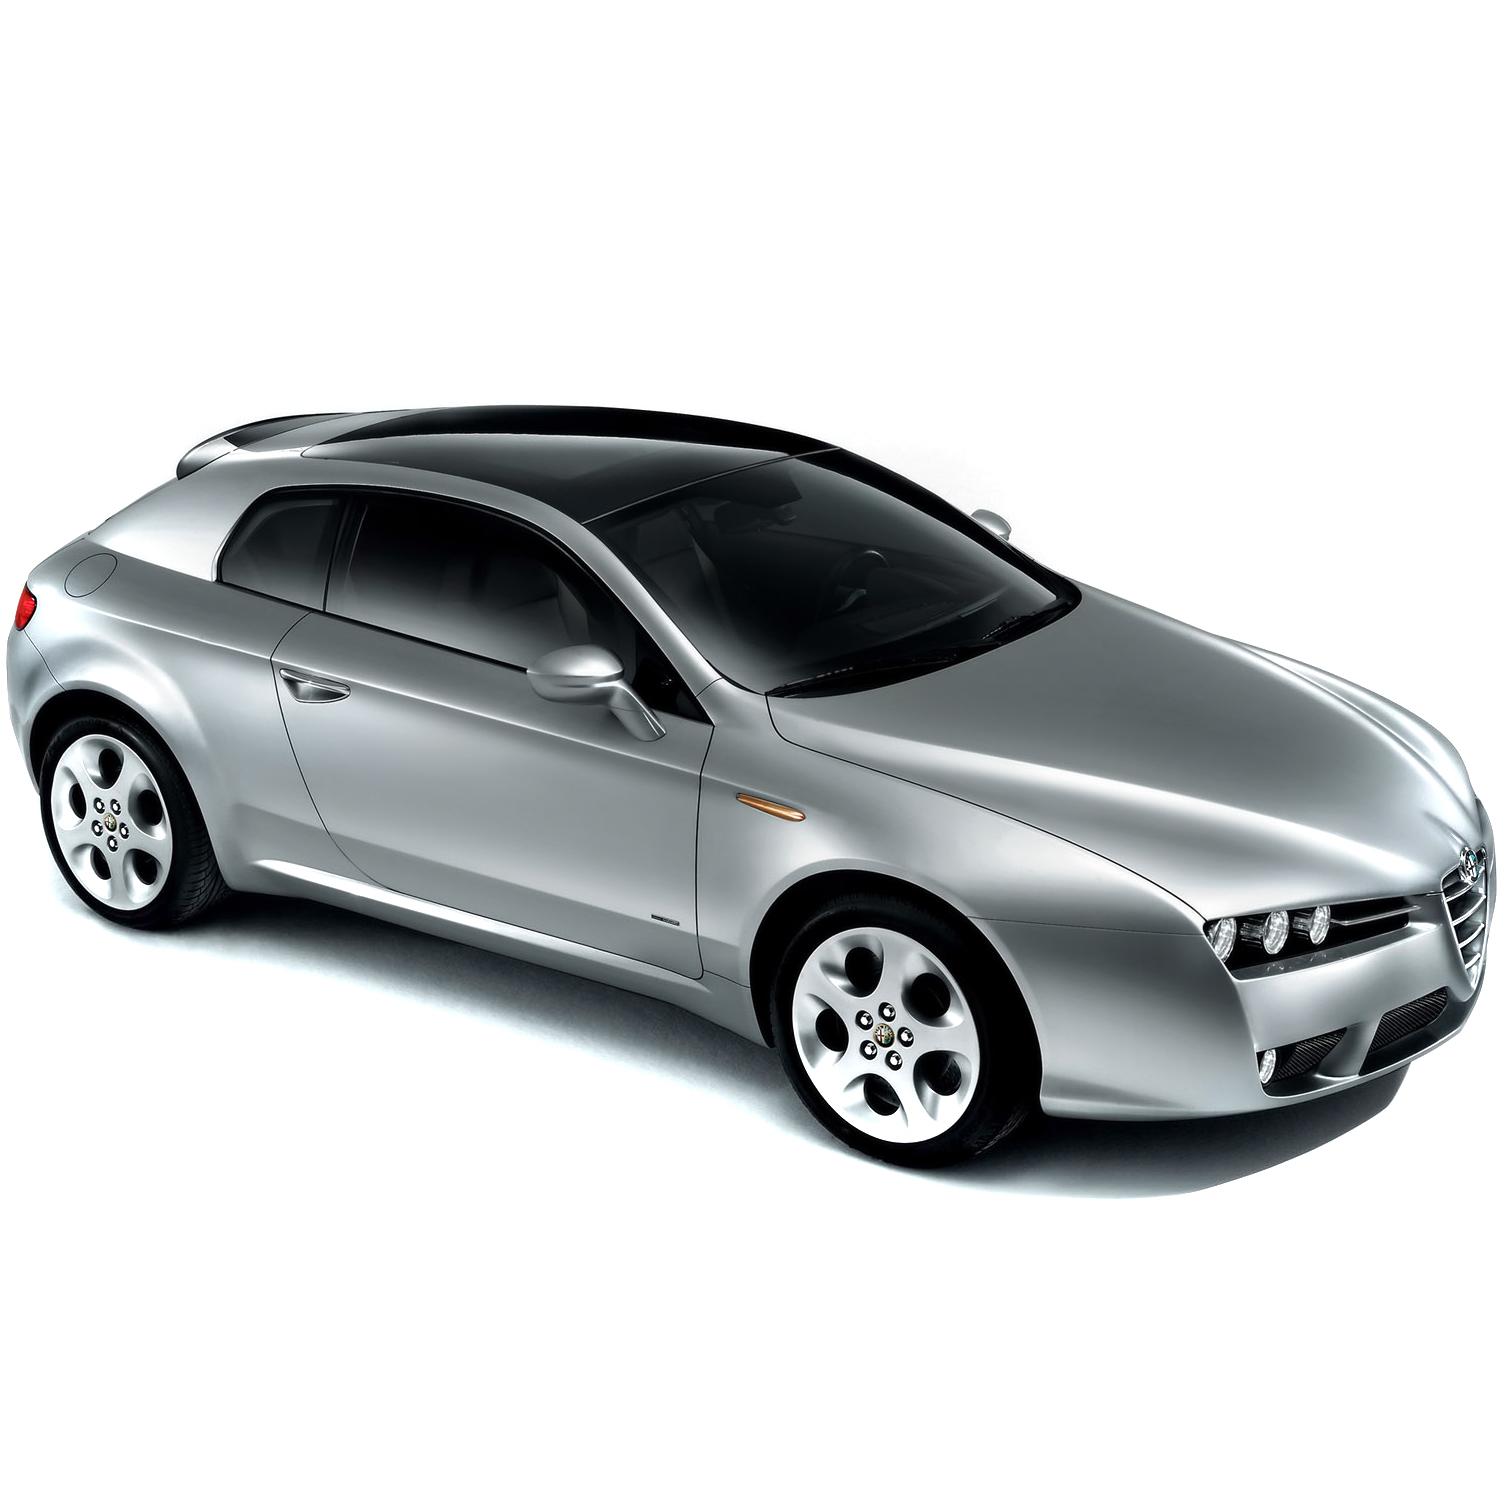 Alfa Romeo Brera 2006 - 2010